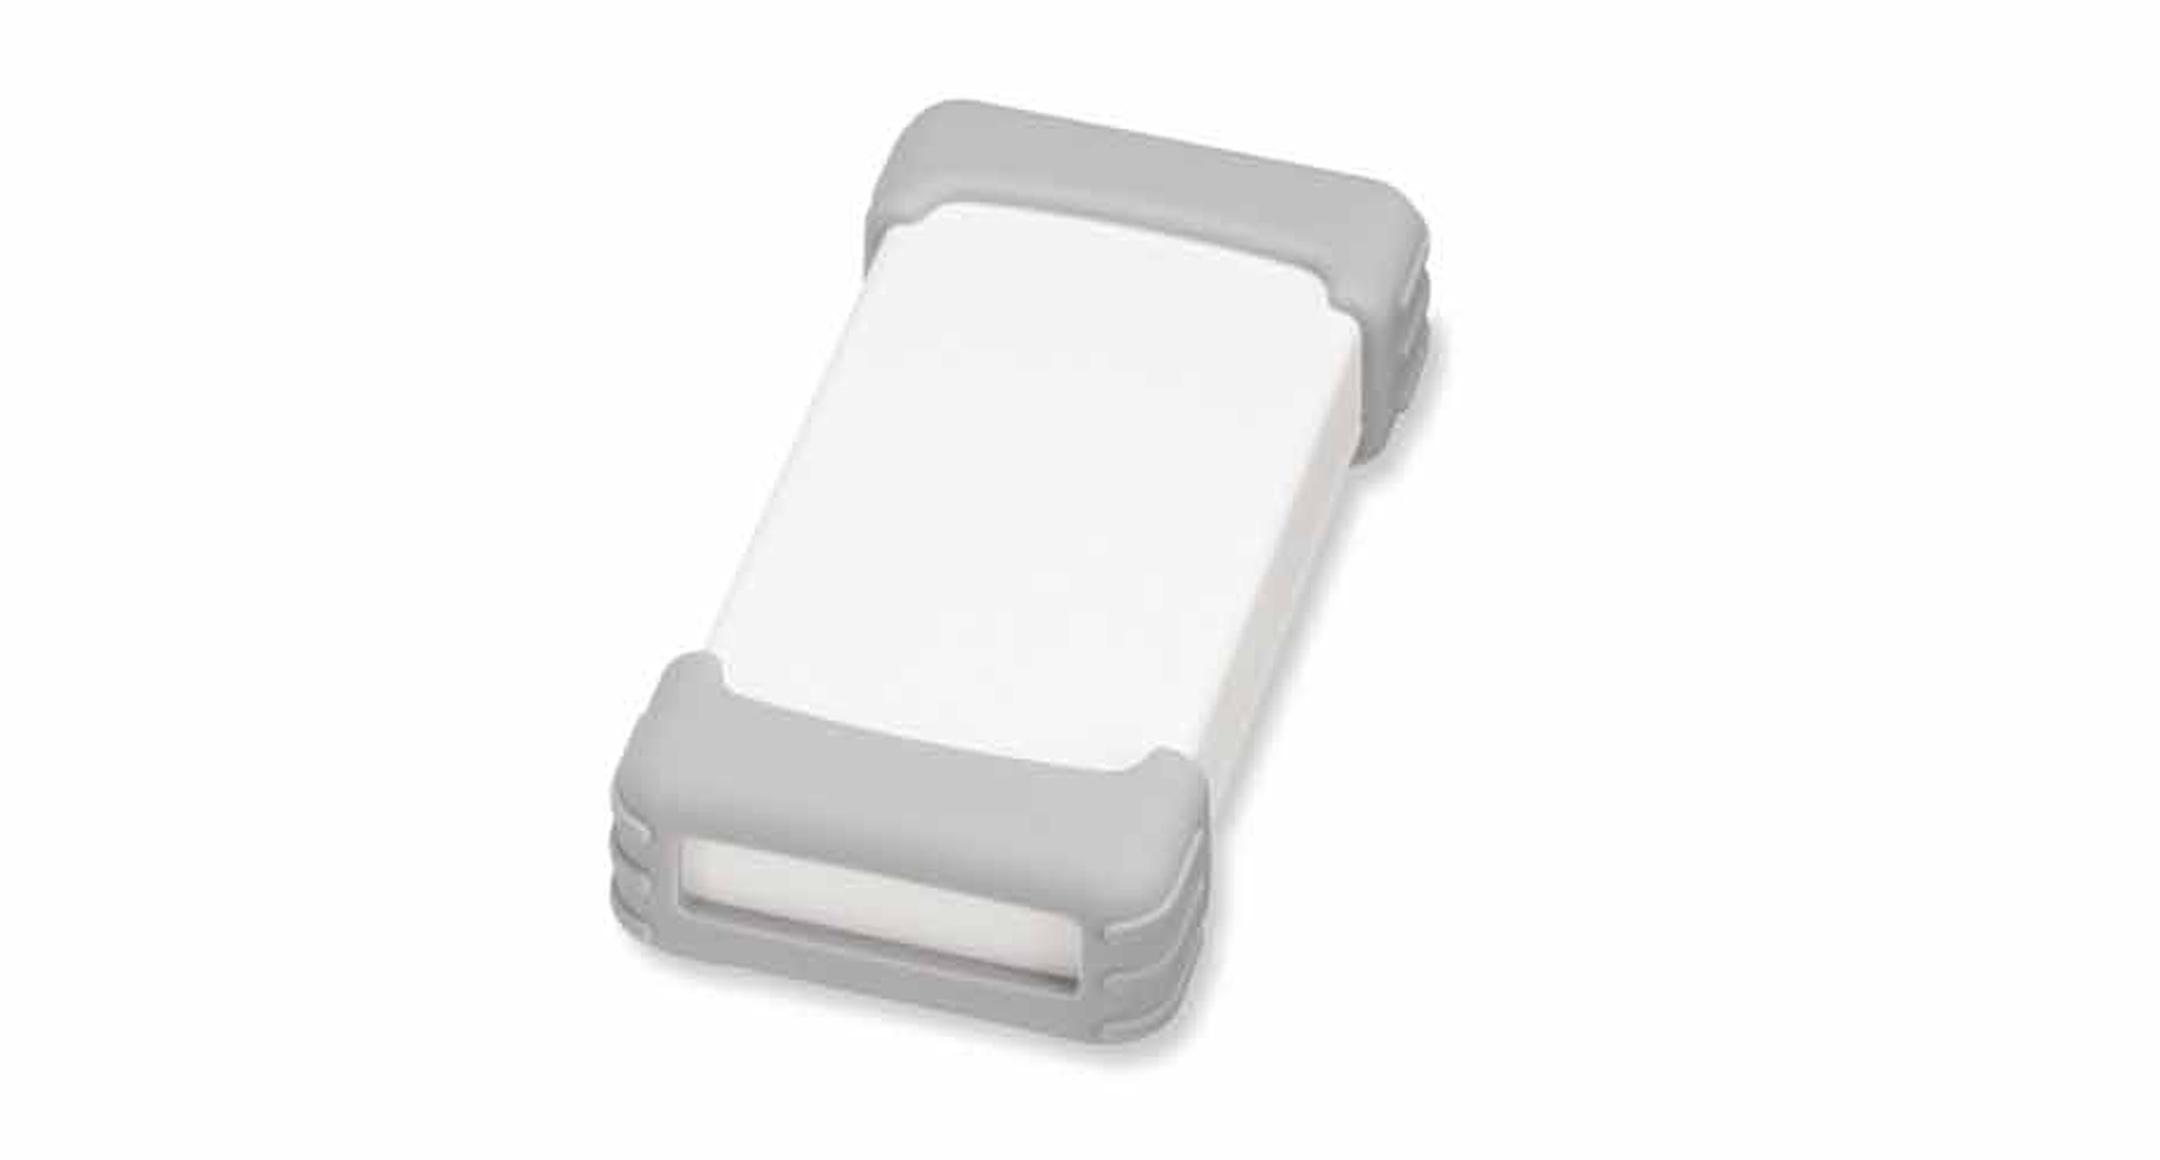 シリコンプロテクター付プラスチックケース TWSシリーズ:オフホワイト/ライトグレーの画像